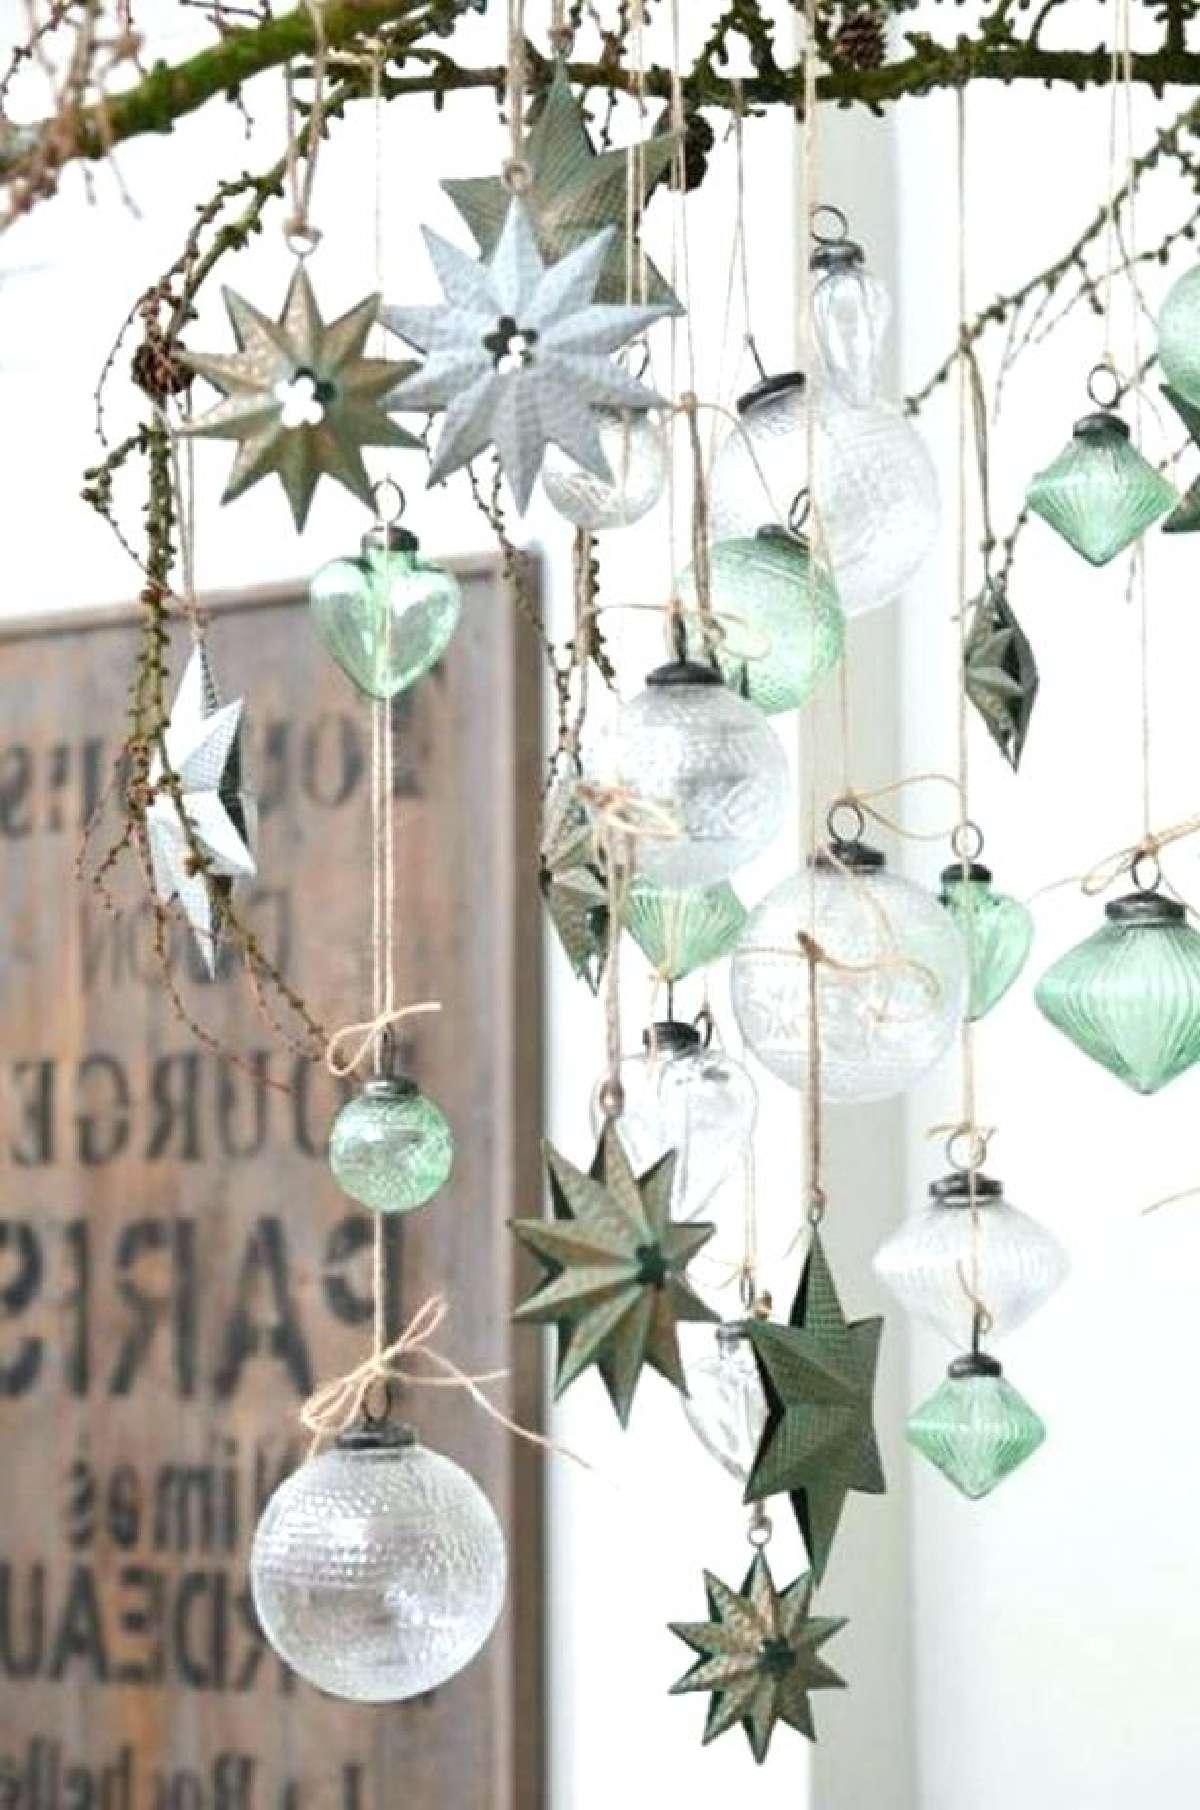 Tendencias en adornos navideños 2020-2021 8